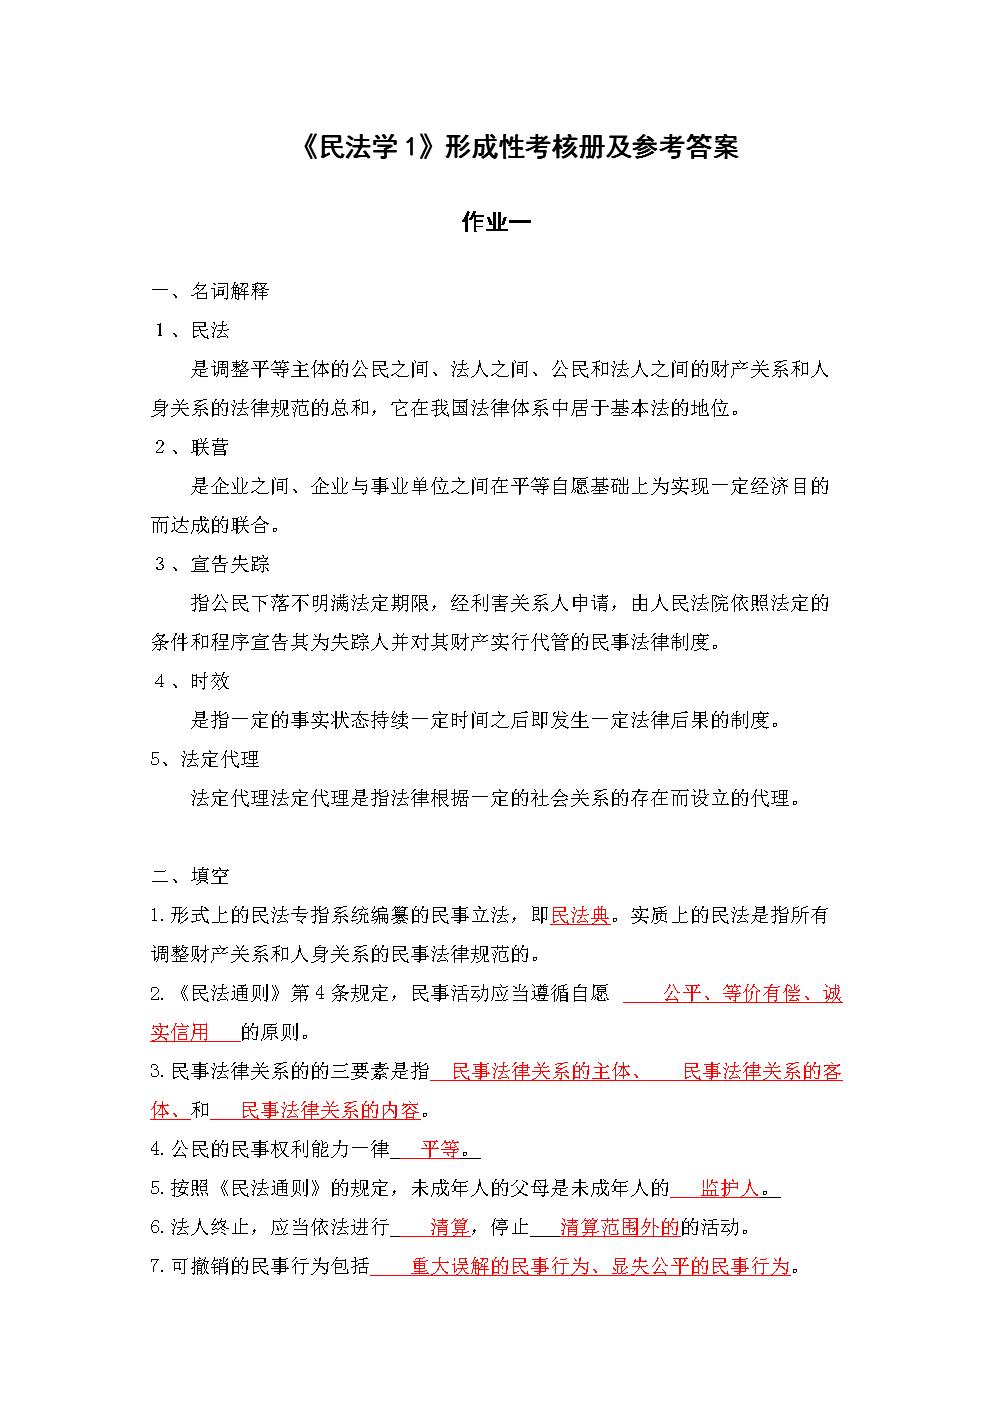 民法学1形成性考核册及参考答案.doc